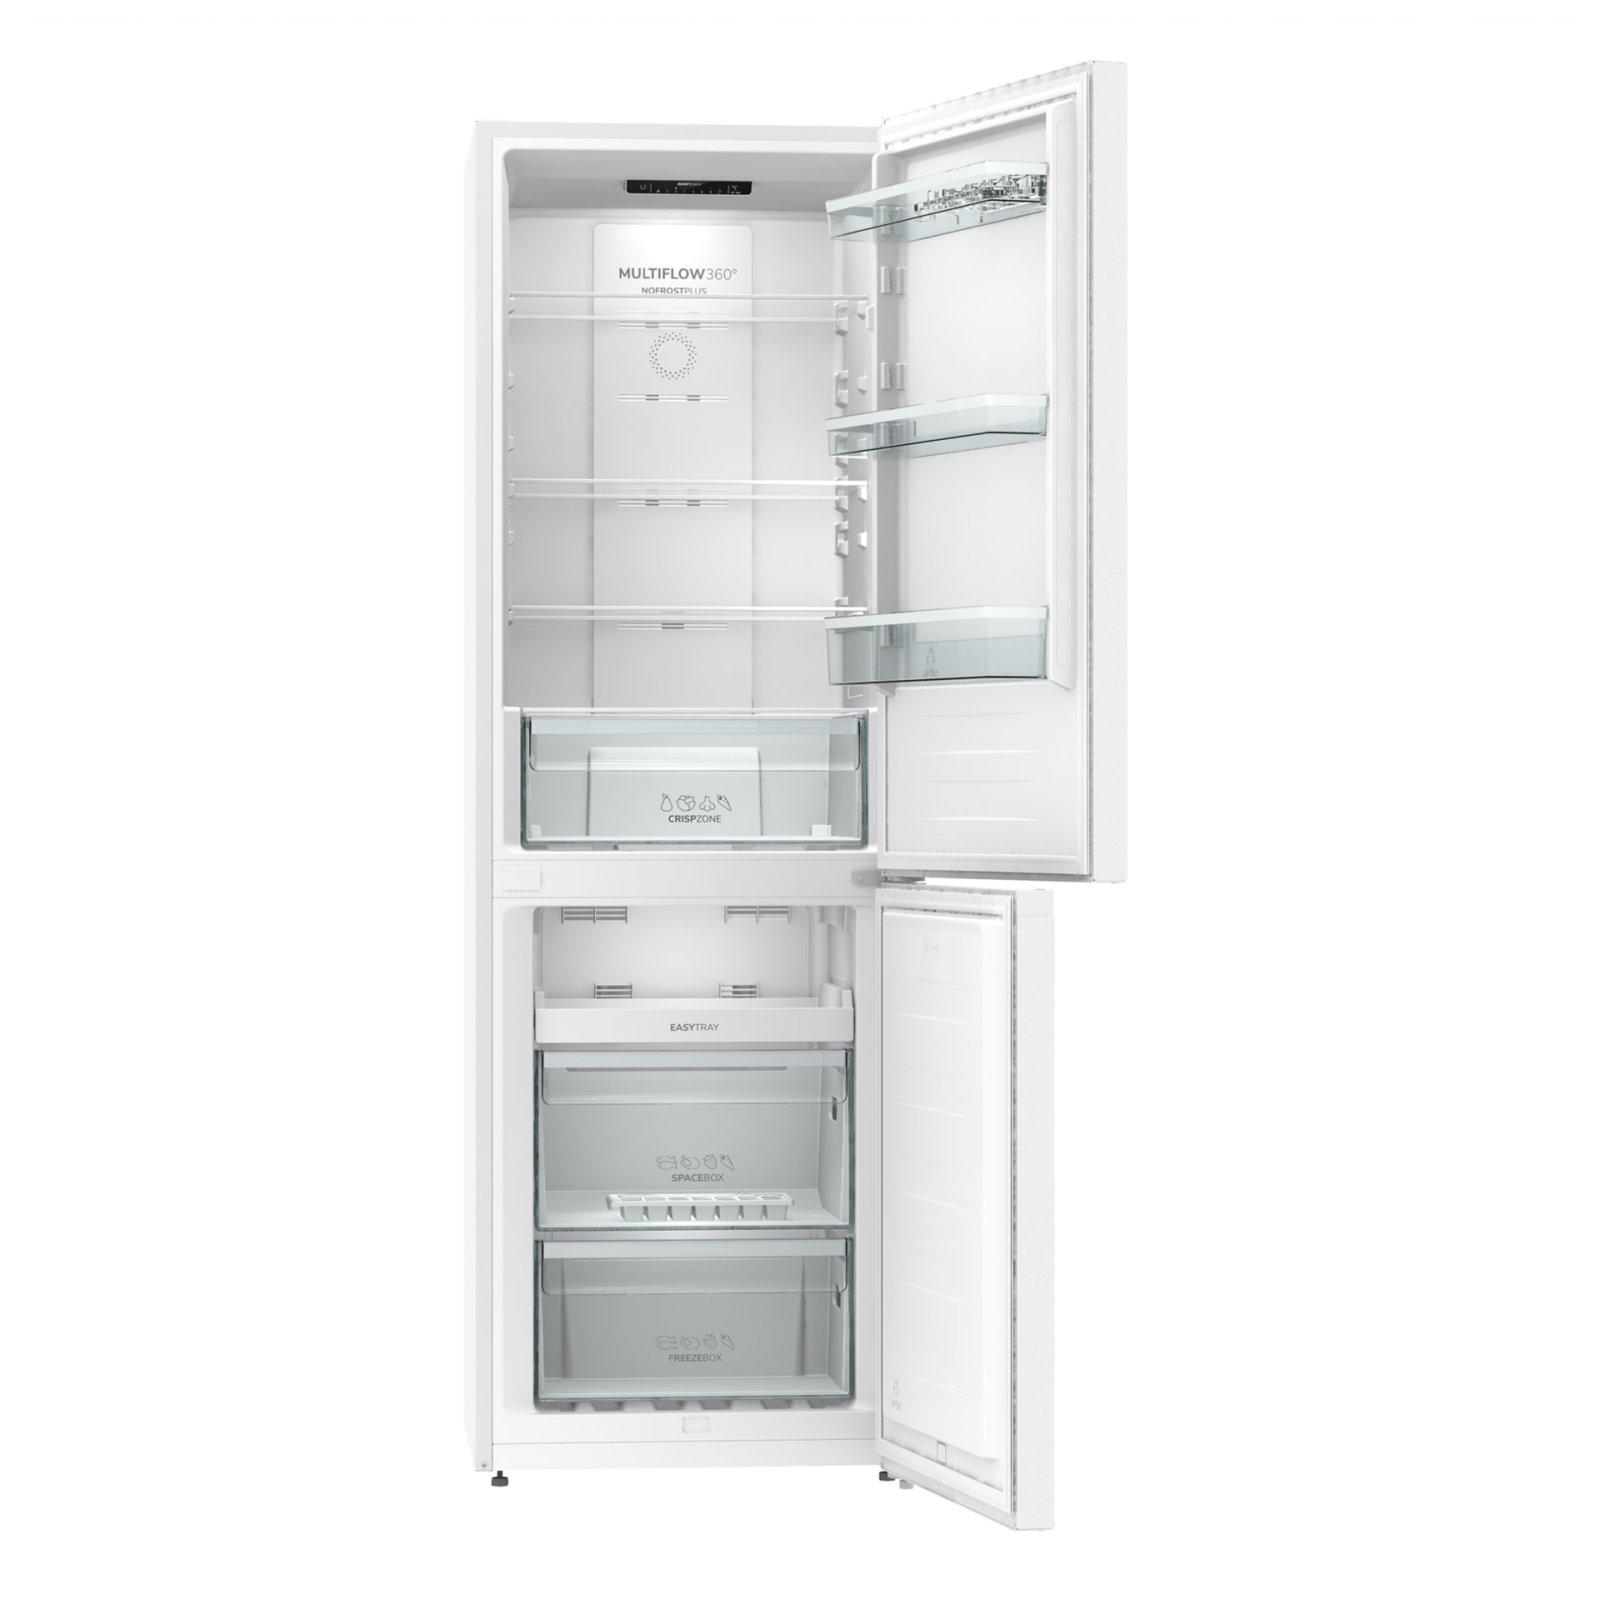 Холодильник Gorenje NRK6191PS4 (Серебряный)  - 2